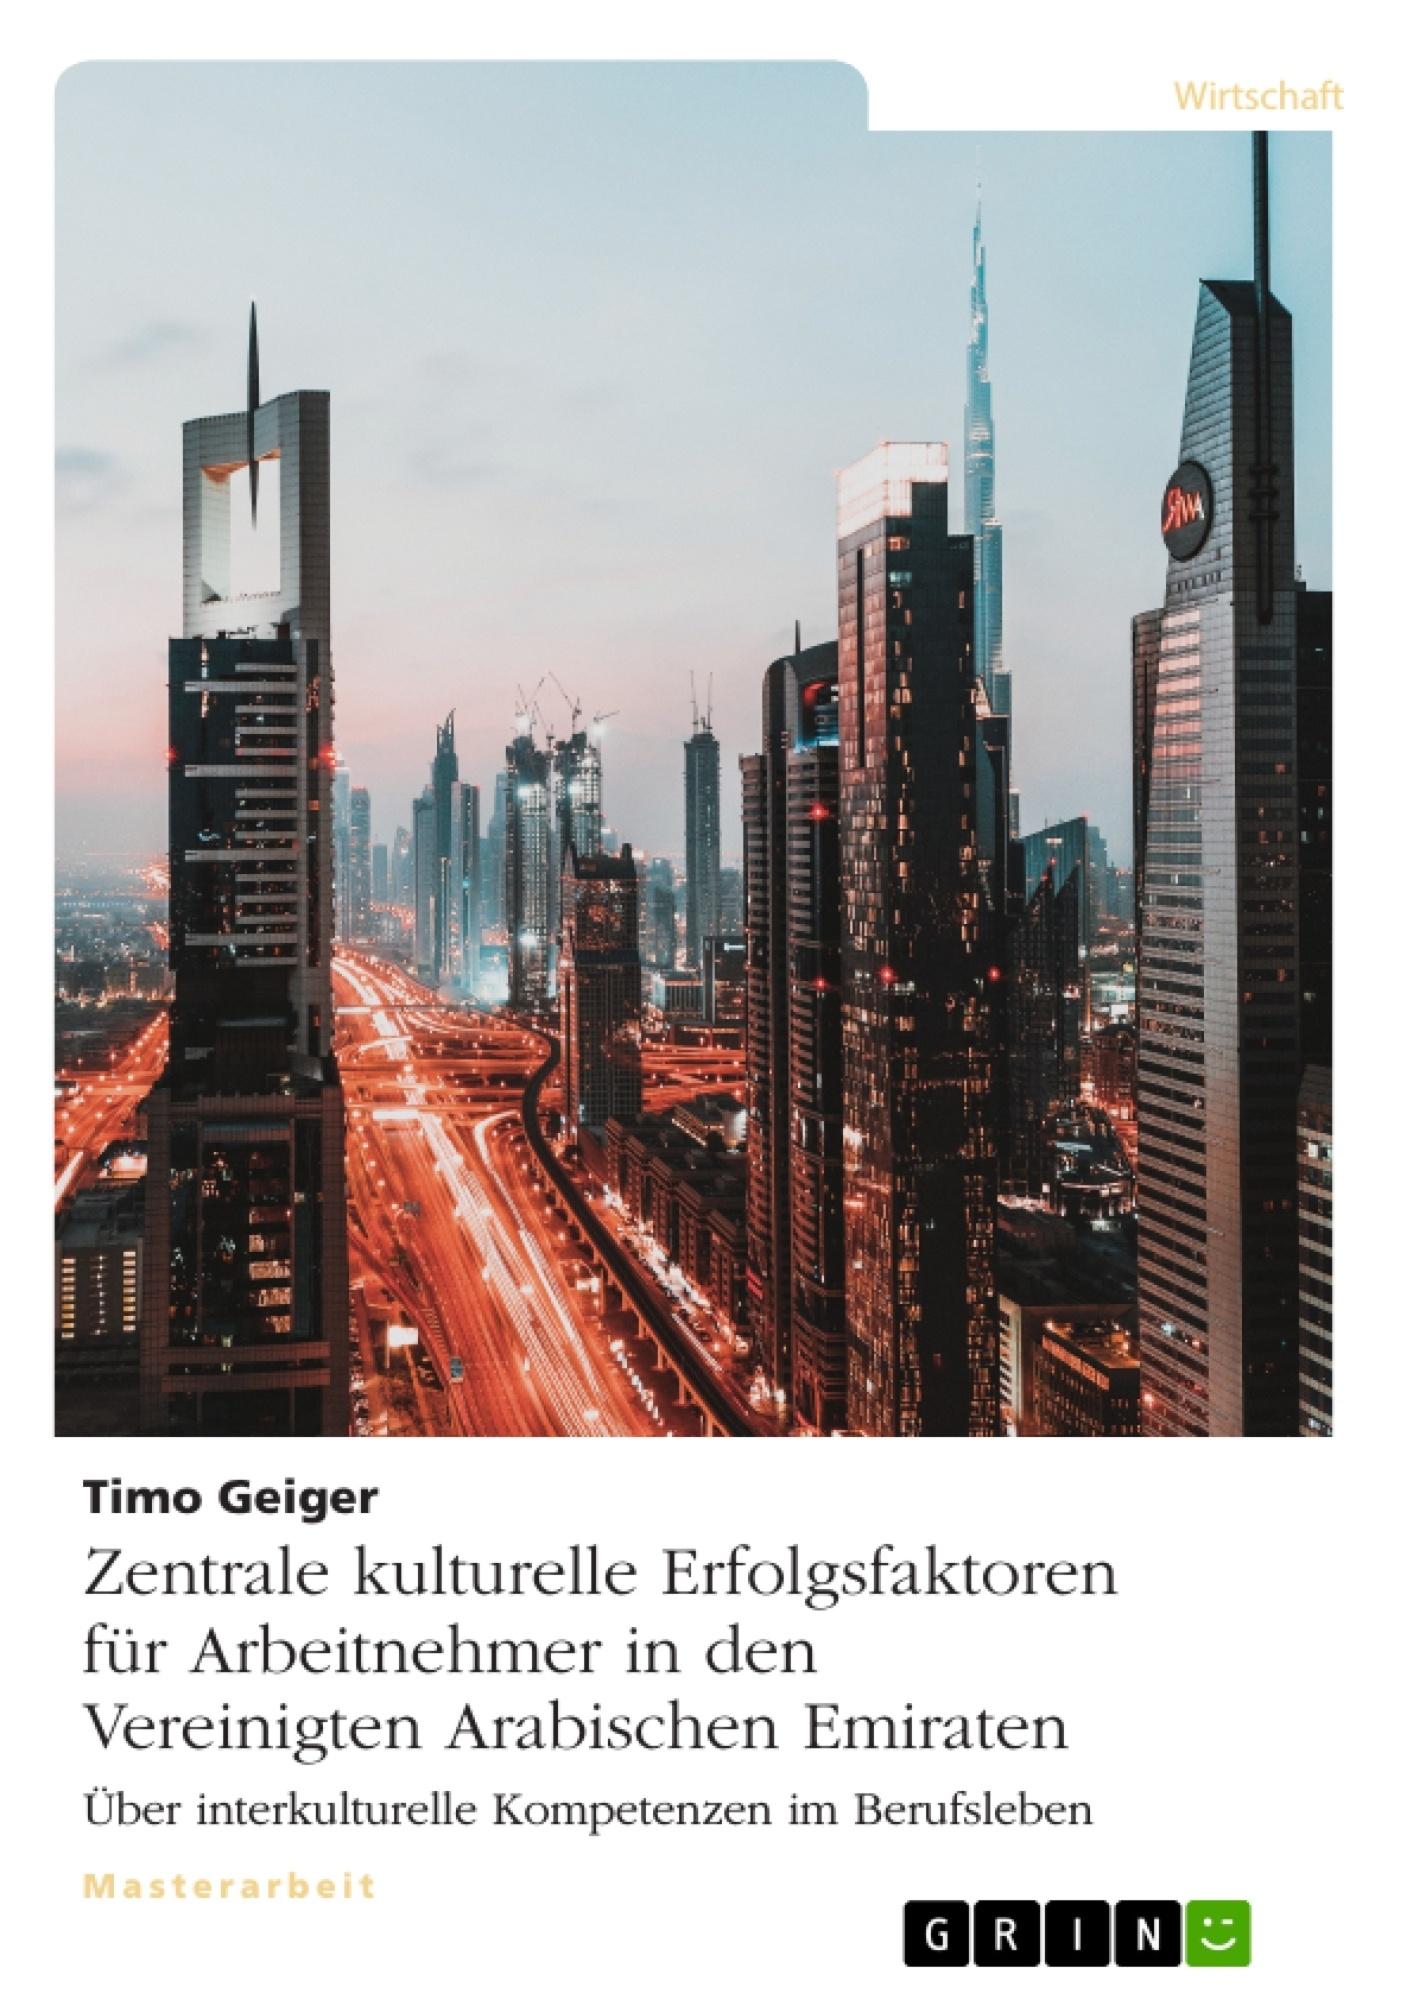 Titel: Zentrale kulturelle Erfolgsfaktoren für Arbeitnehmer in den Vereinigten Arabischen Emiraten